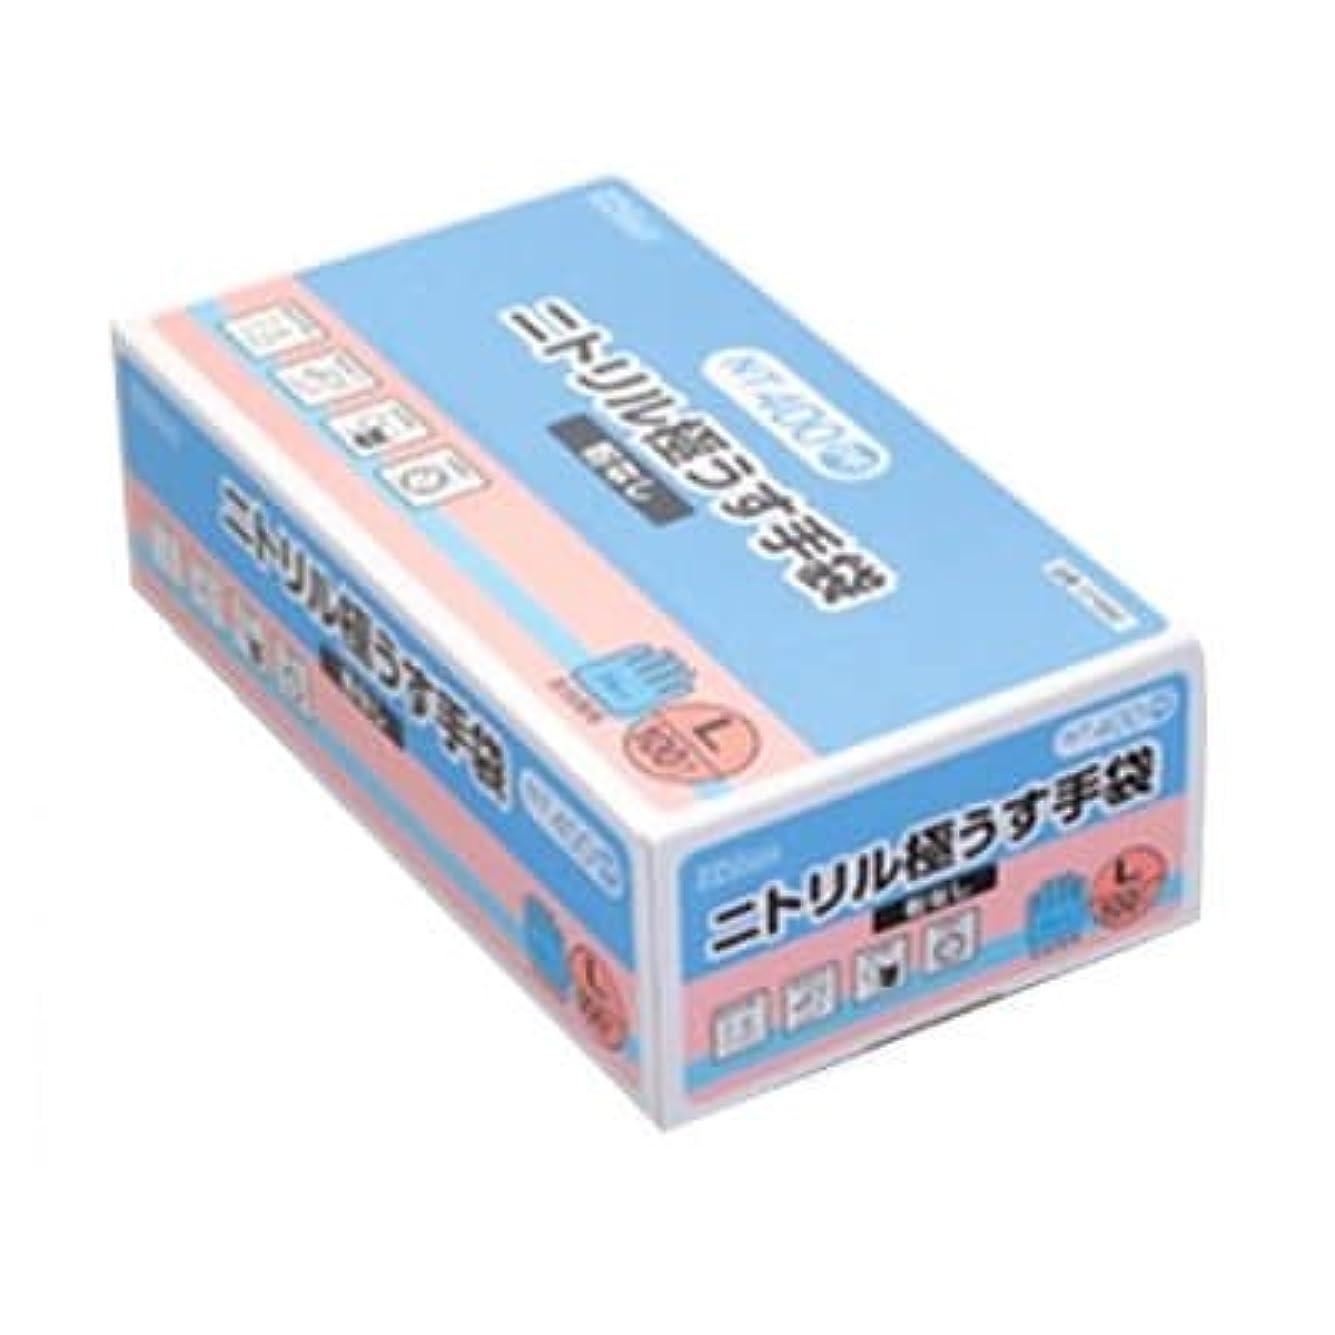 盆性的コンパクト【ケース販売】 ダンロップ ニトリル極うす手袋 粉無 L ブルー NT-400 (100枚入×20箱)